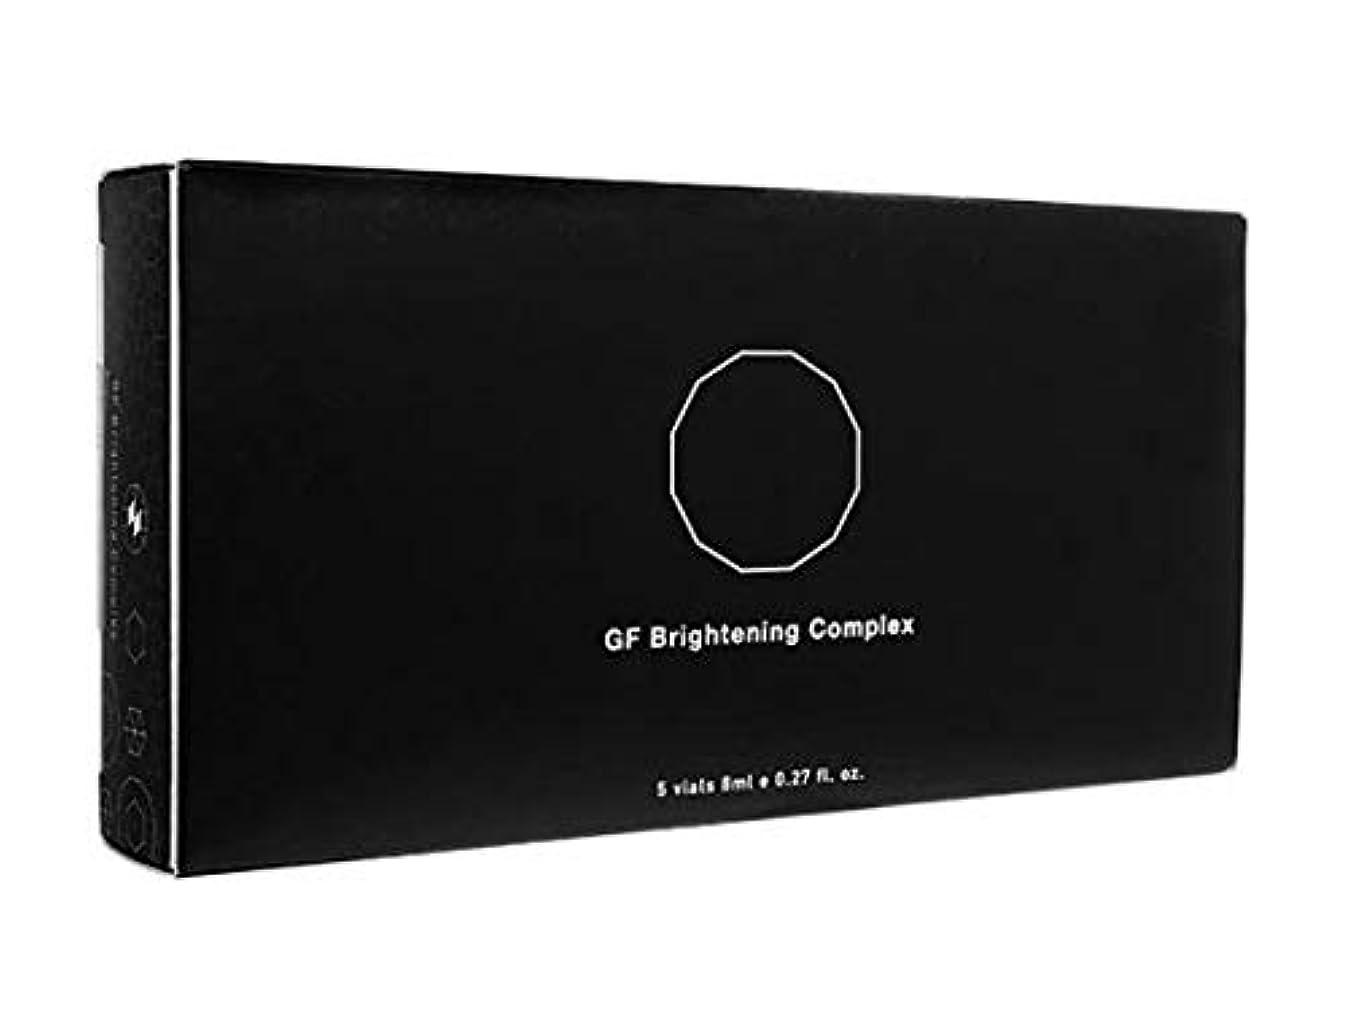 べネブ ブライトニング コンプレックス 8ml 5本 (Benev) GF Brightening Complex